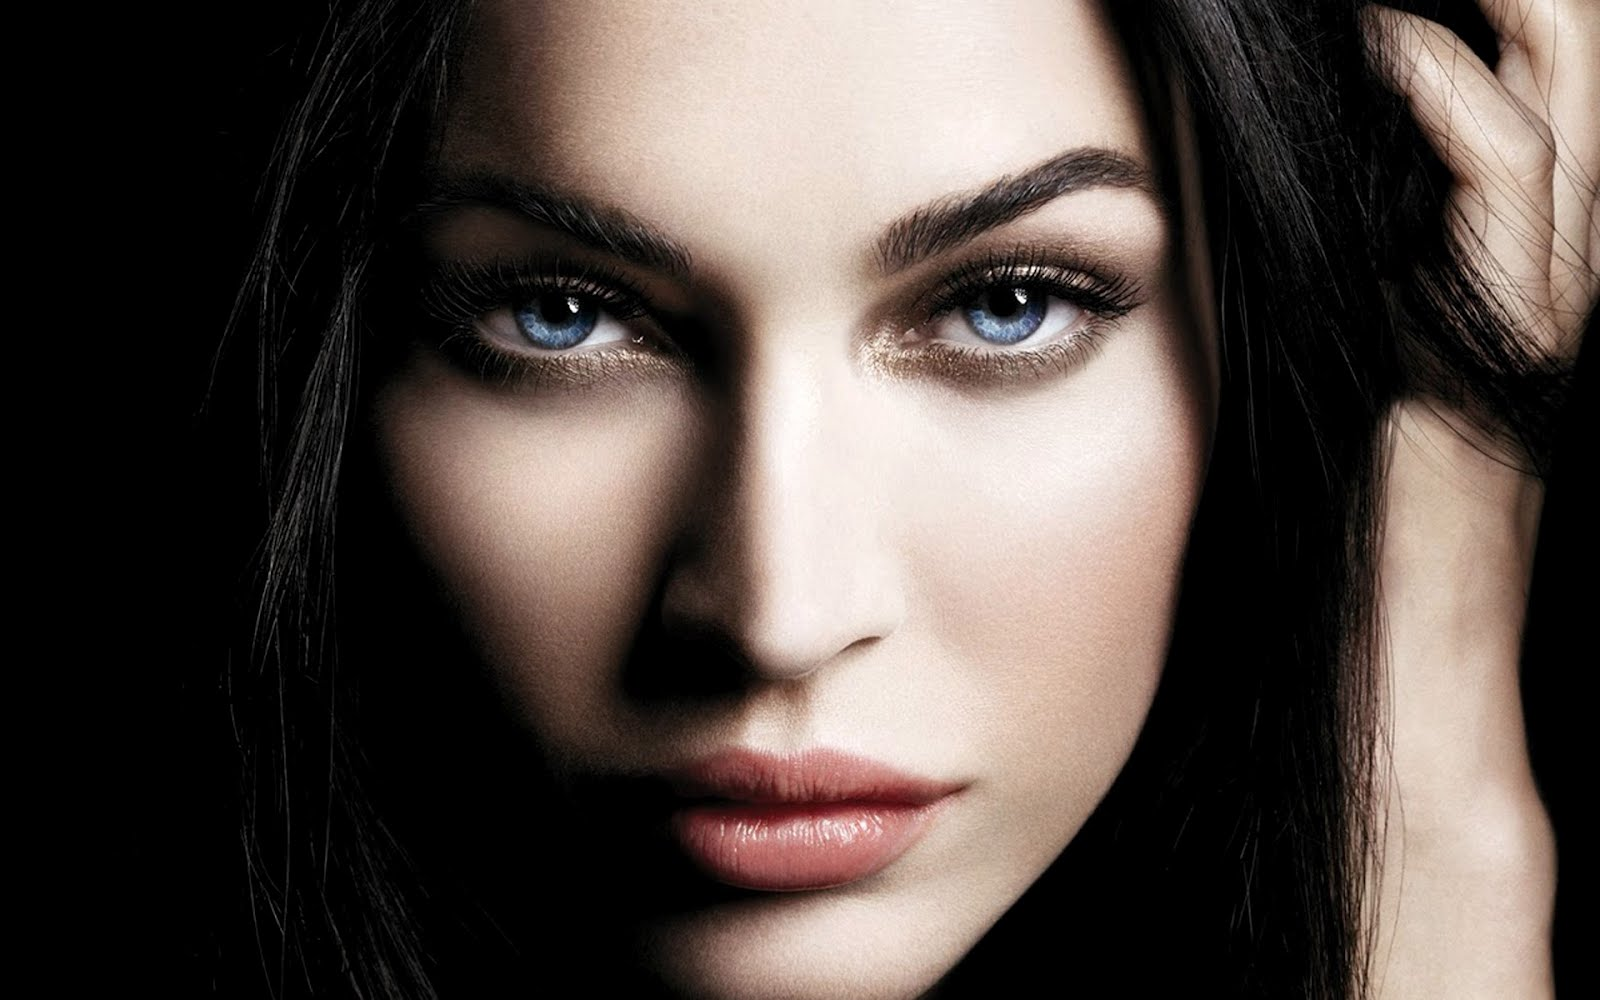 http://4.bp.blogspot.com/-vyoiGwcF708/T034U1_5xaI/AAAAAAAABKA/cv7h_jjkJ8M/s1600/Face%2B3.jpeg